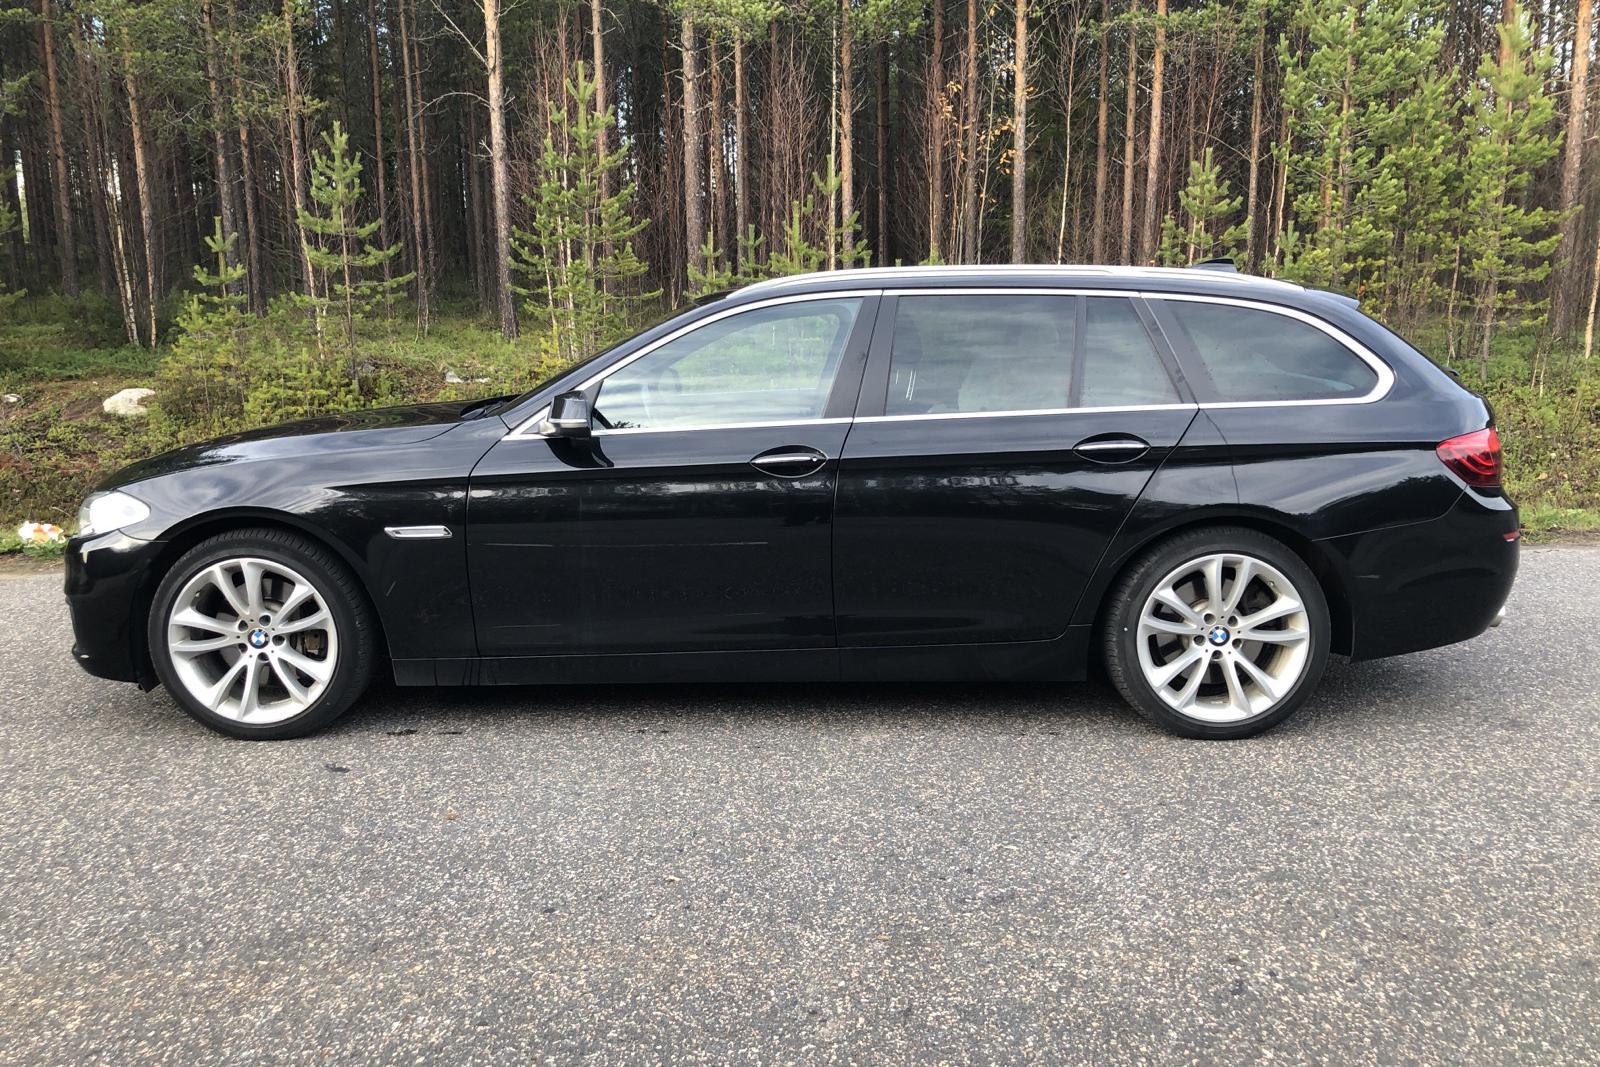 BMW 530d xDrive Touring, F11 (258hk) - 83 000 km - Automatic - black - 2014